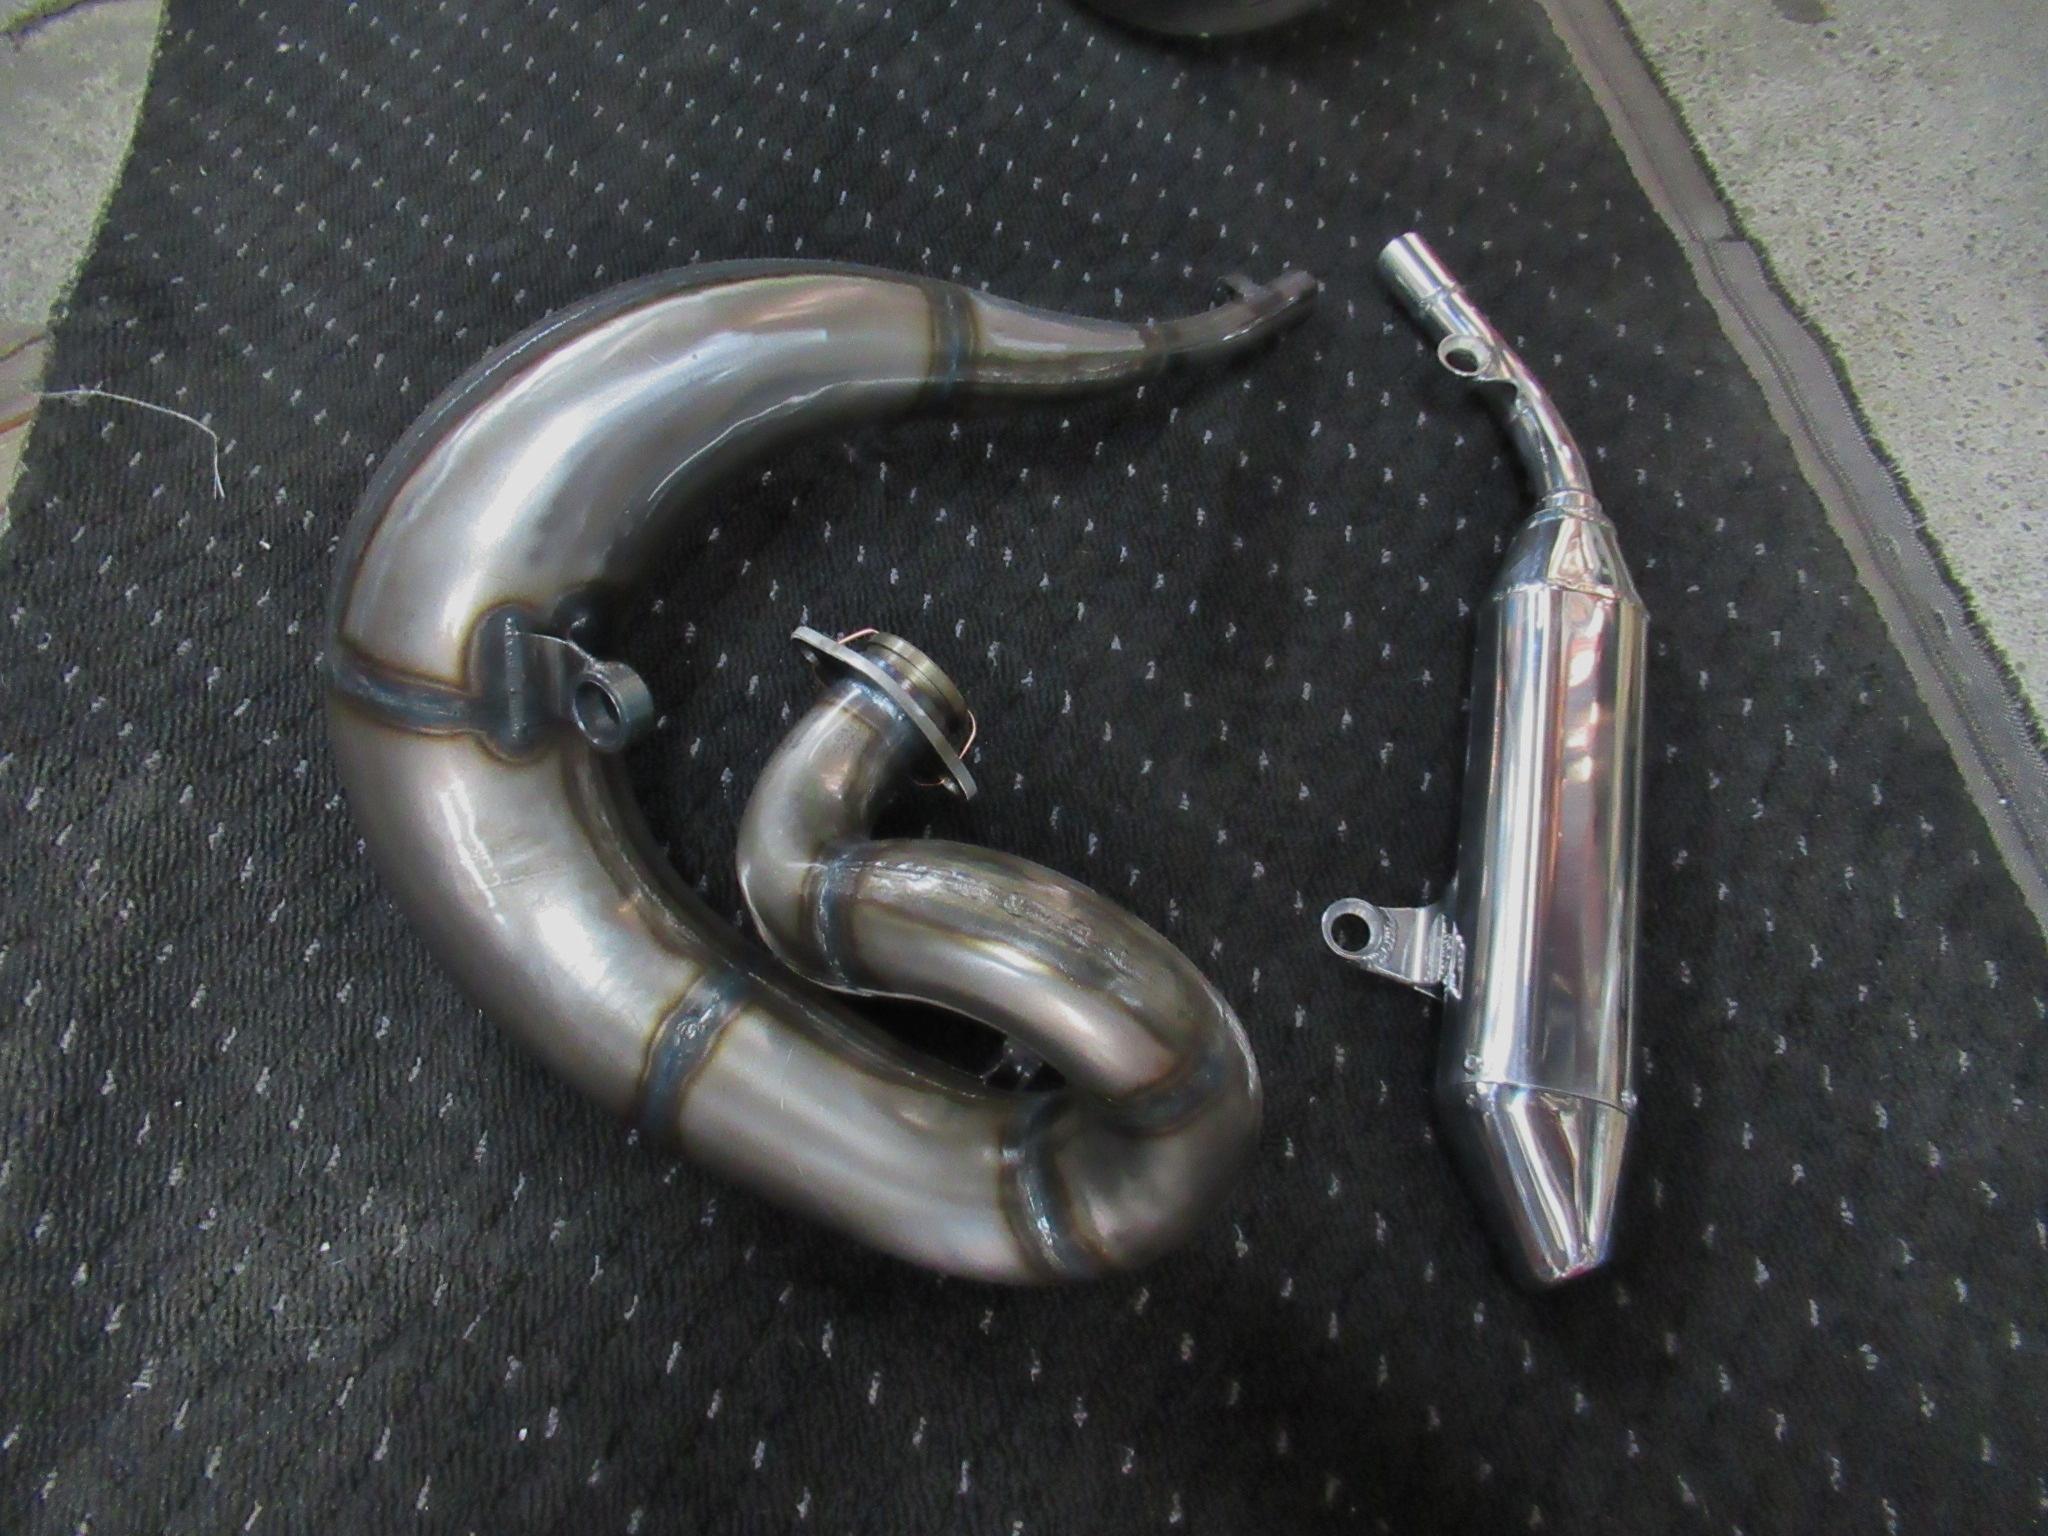 http://www.precious-factory.com/preciousfactory2010/IMG_0013.JPG